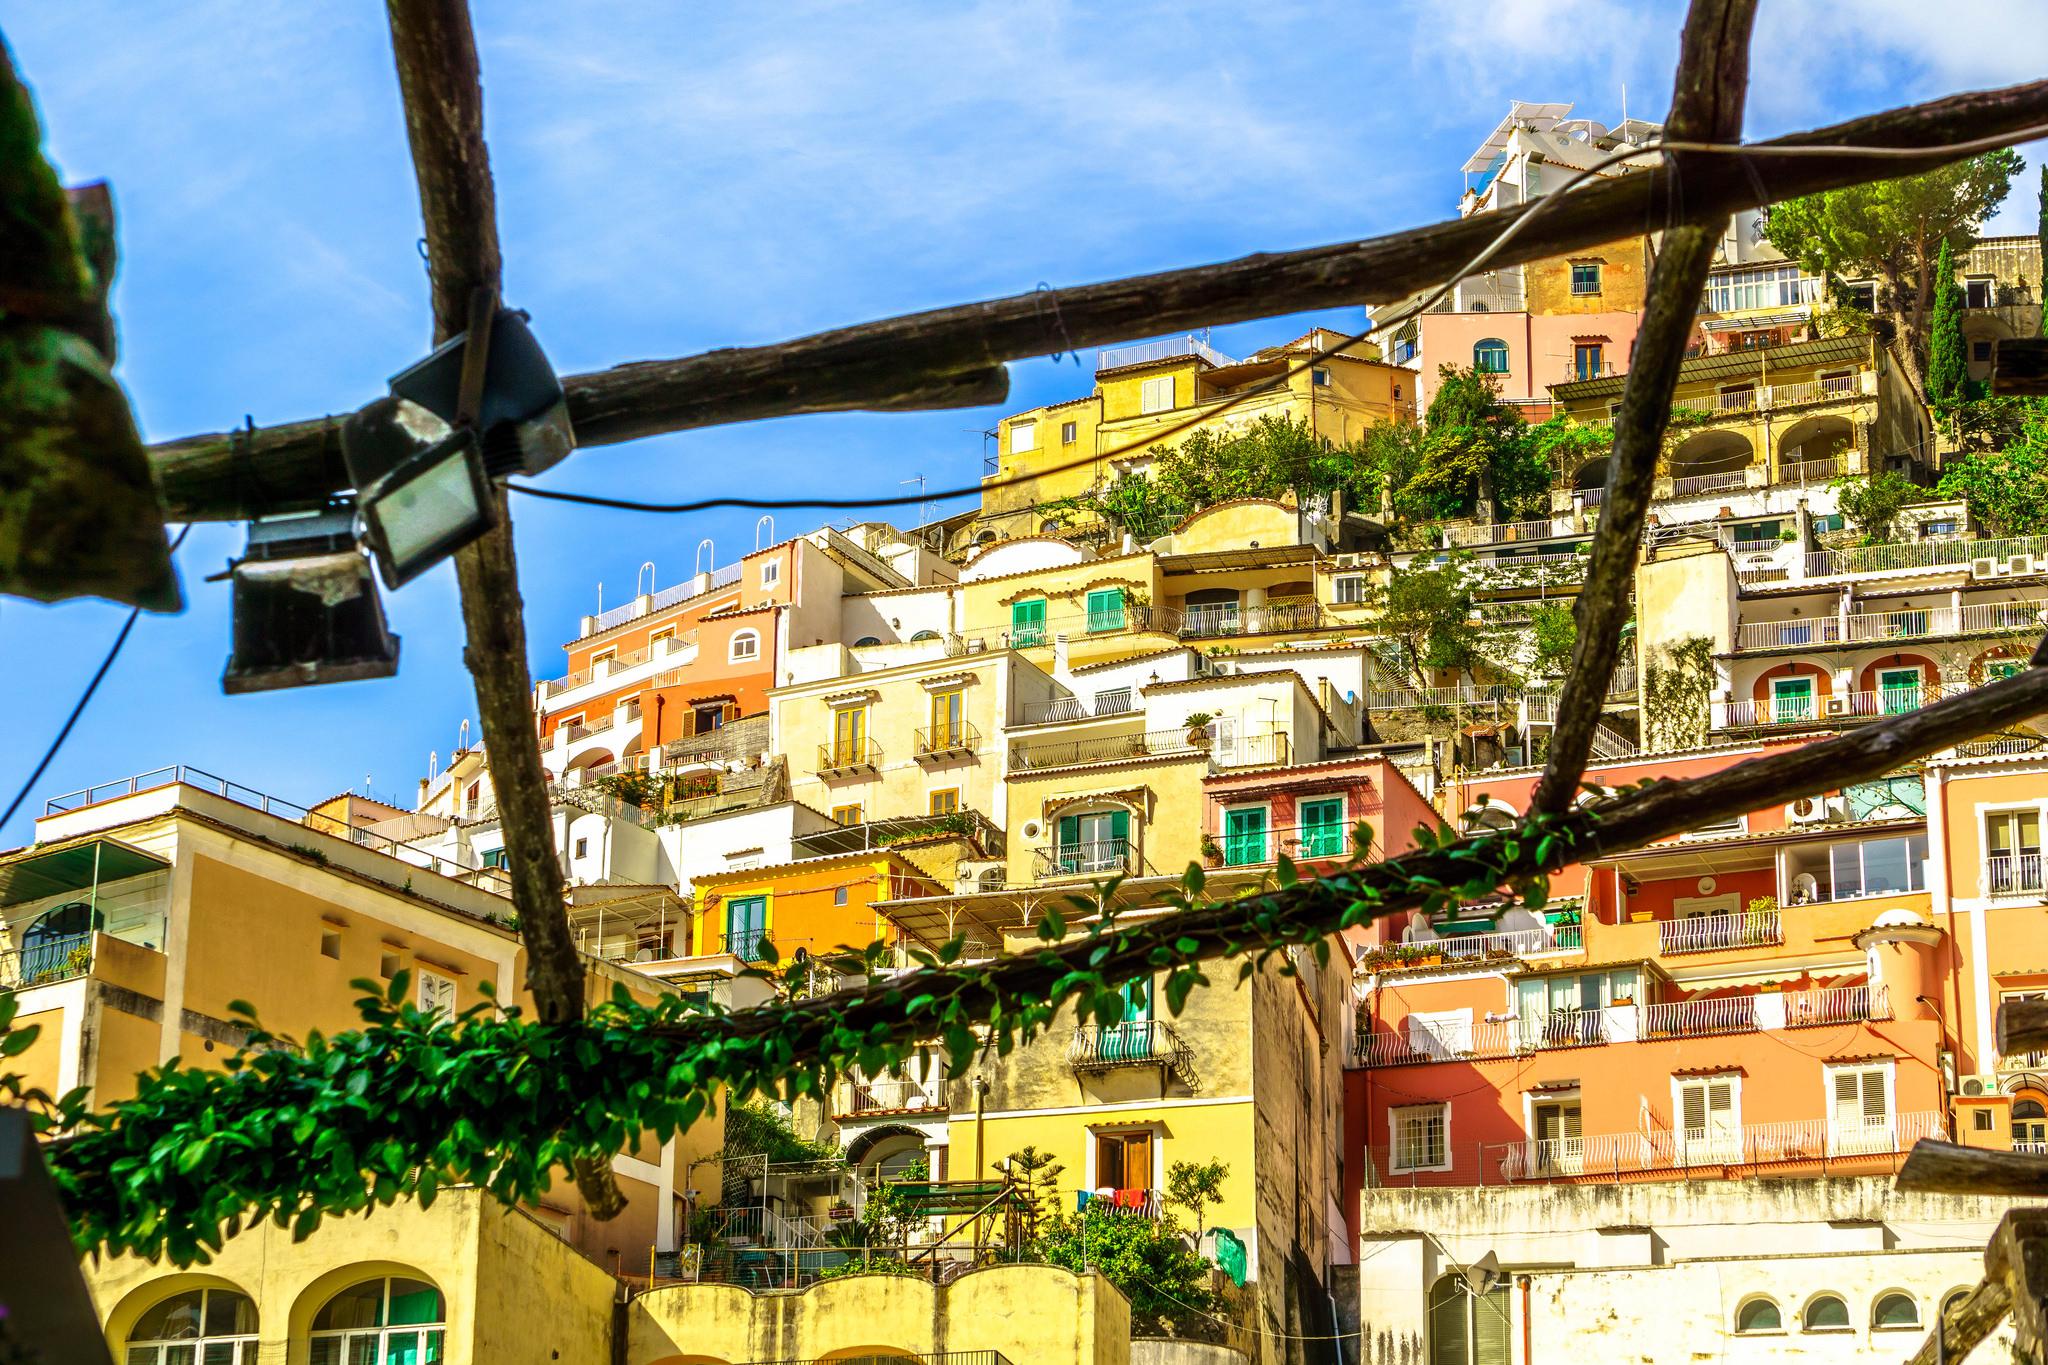 Positano Mid-way down the main drag, Italy